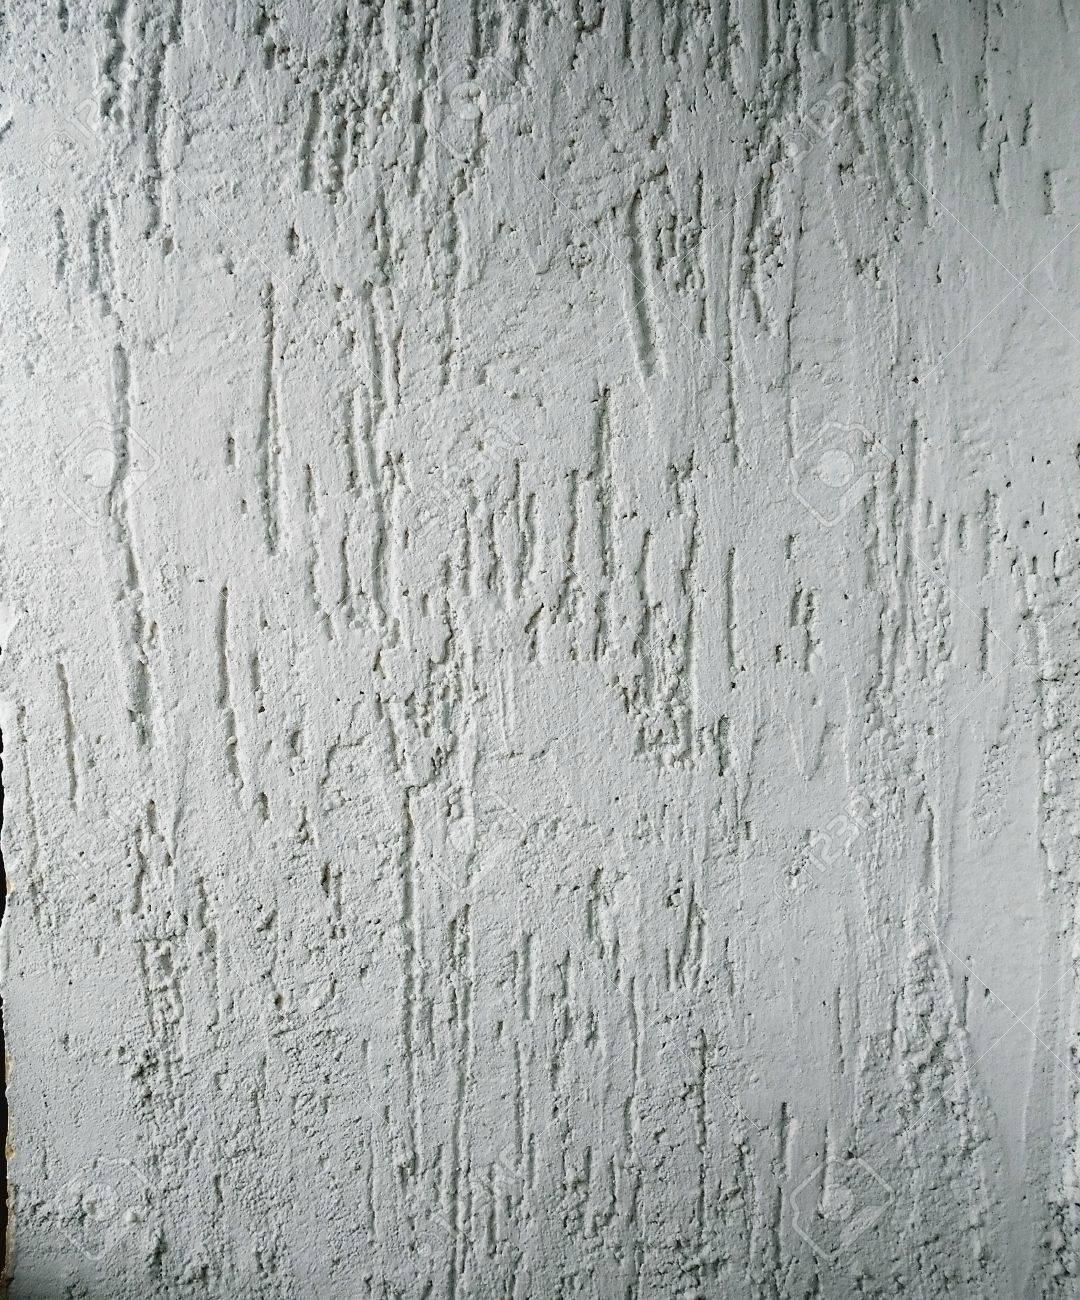 hintergrund wandputz weiß lizenzfreie fotos, bilder und stock